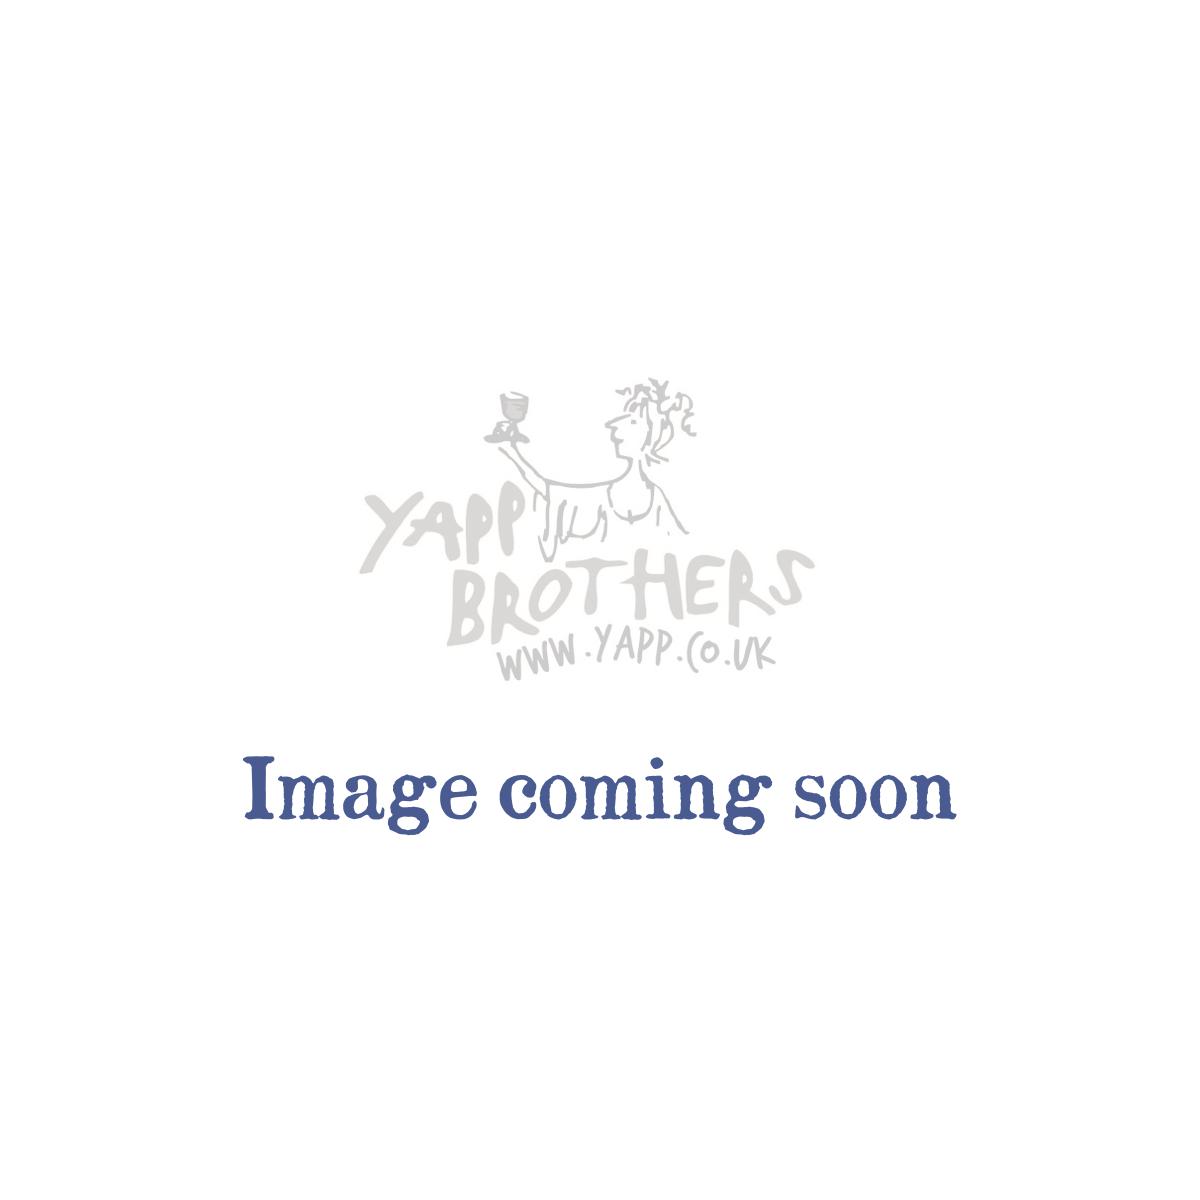 Rheinhessen: Jürgen Hofmann Weisser Burgunder Trocken 2020 - Bottle